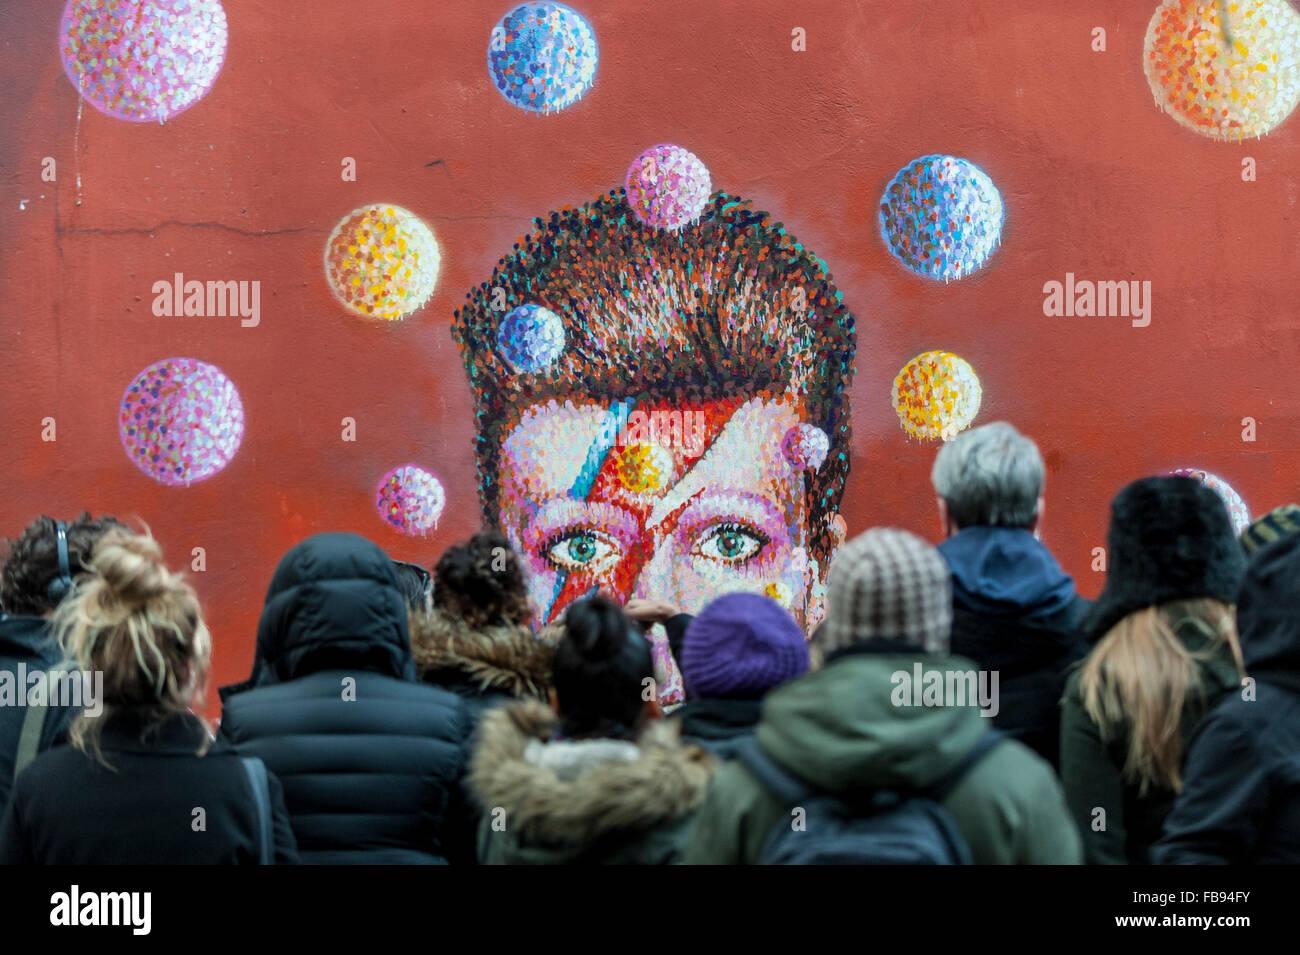 London, UK.  12. Januar 2016.  Fans weiterhin besuchen das Wandbild von David Bowie in Brixton zu zollen Tribut Stockbild